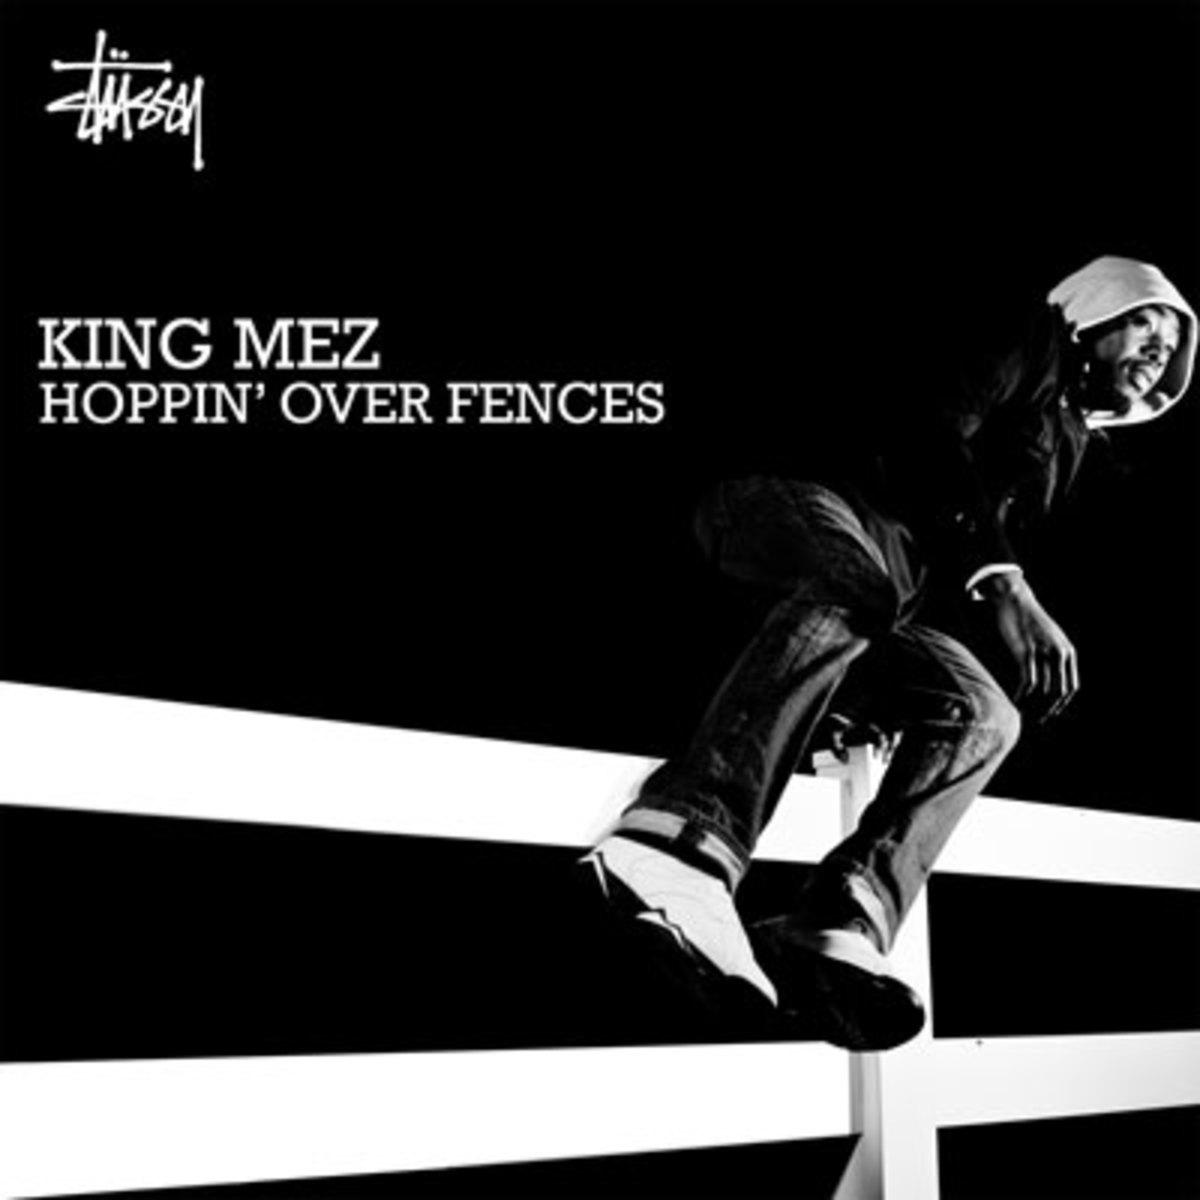 kingmez-hoppin2.jpg